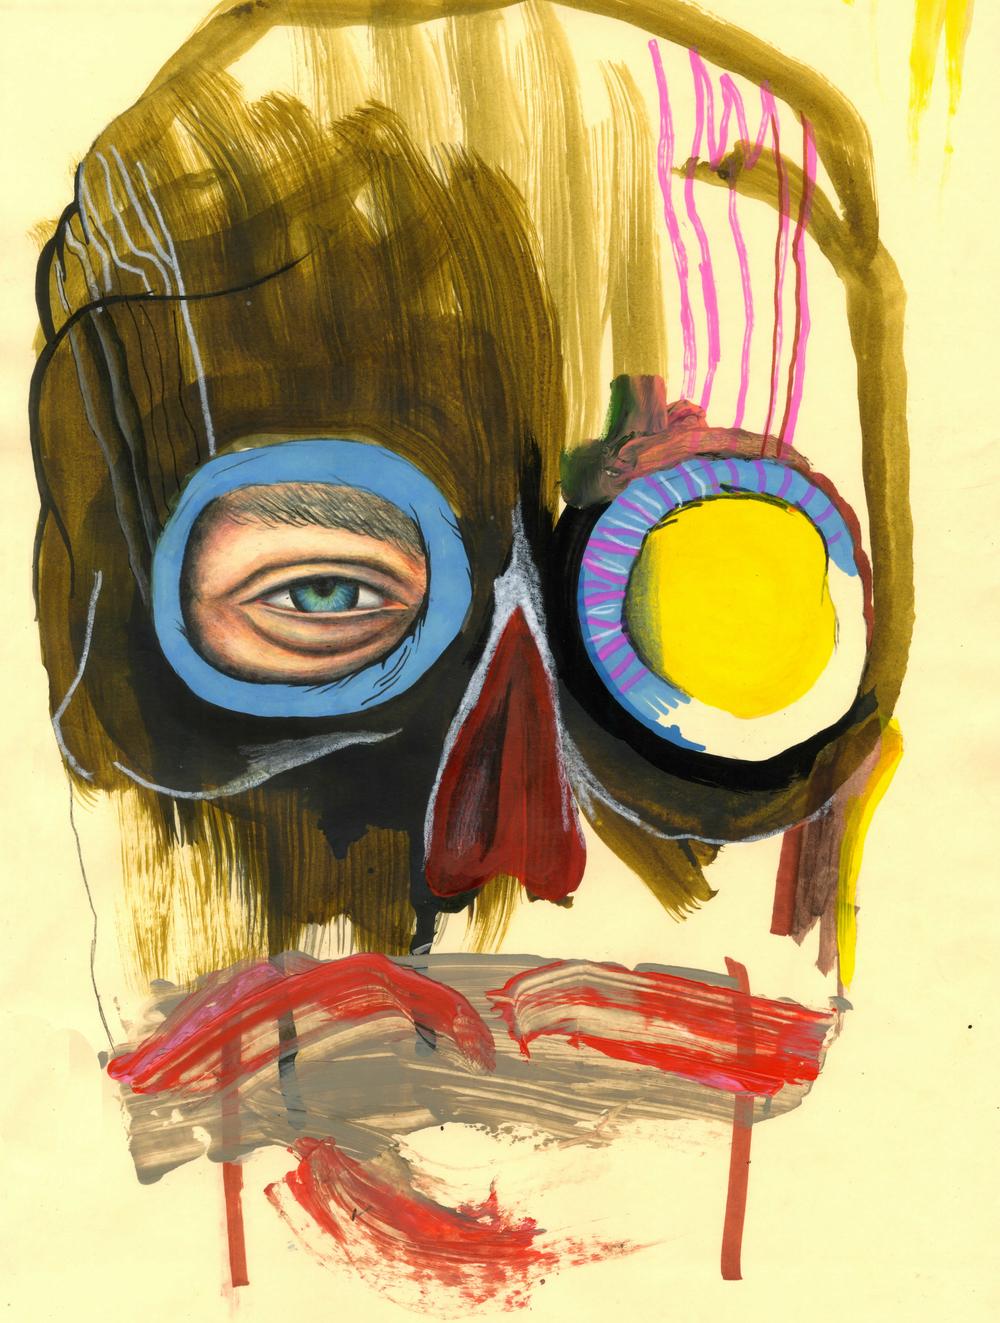 One Eyed Bandit